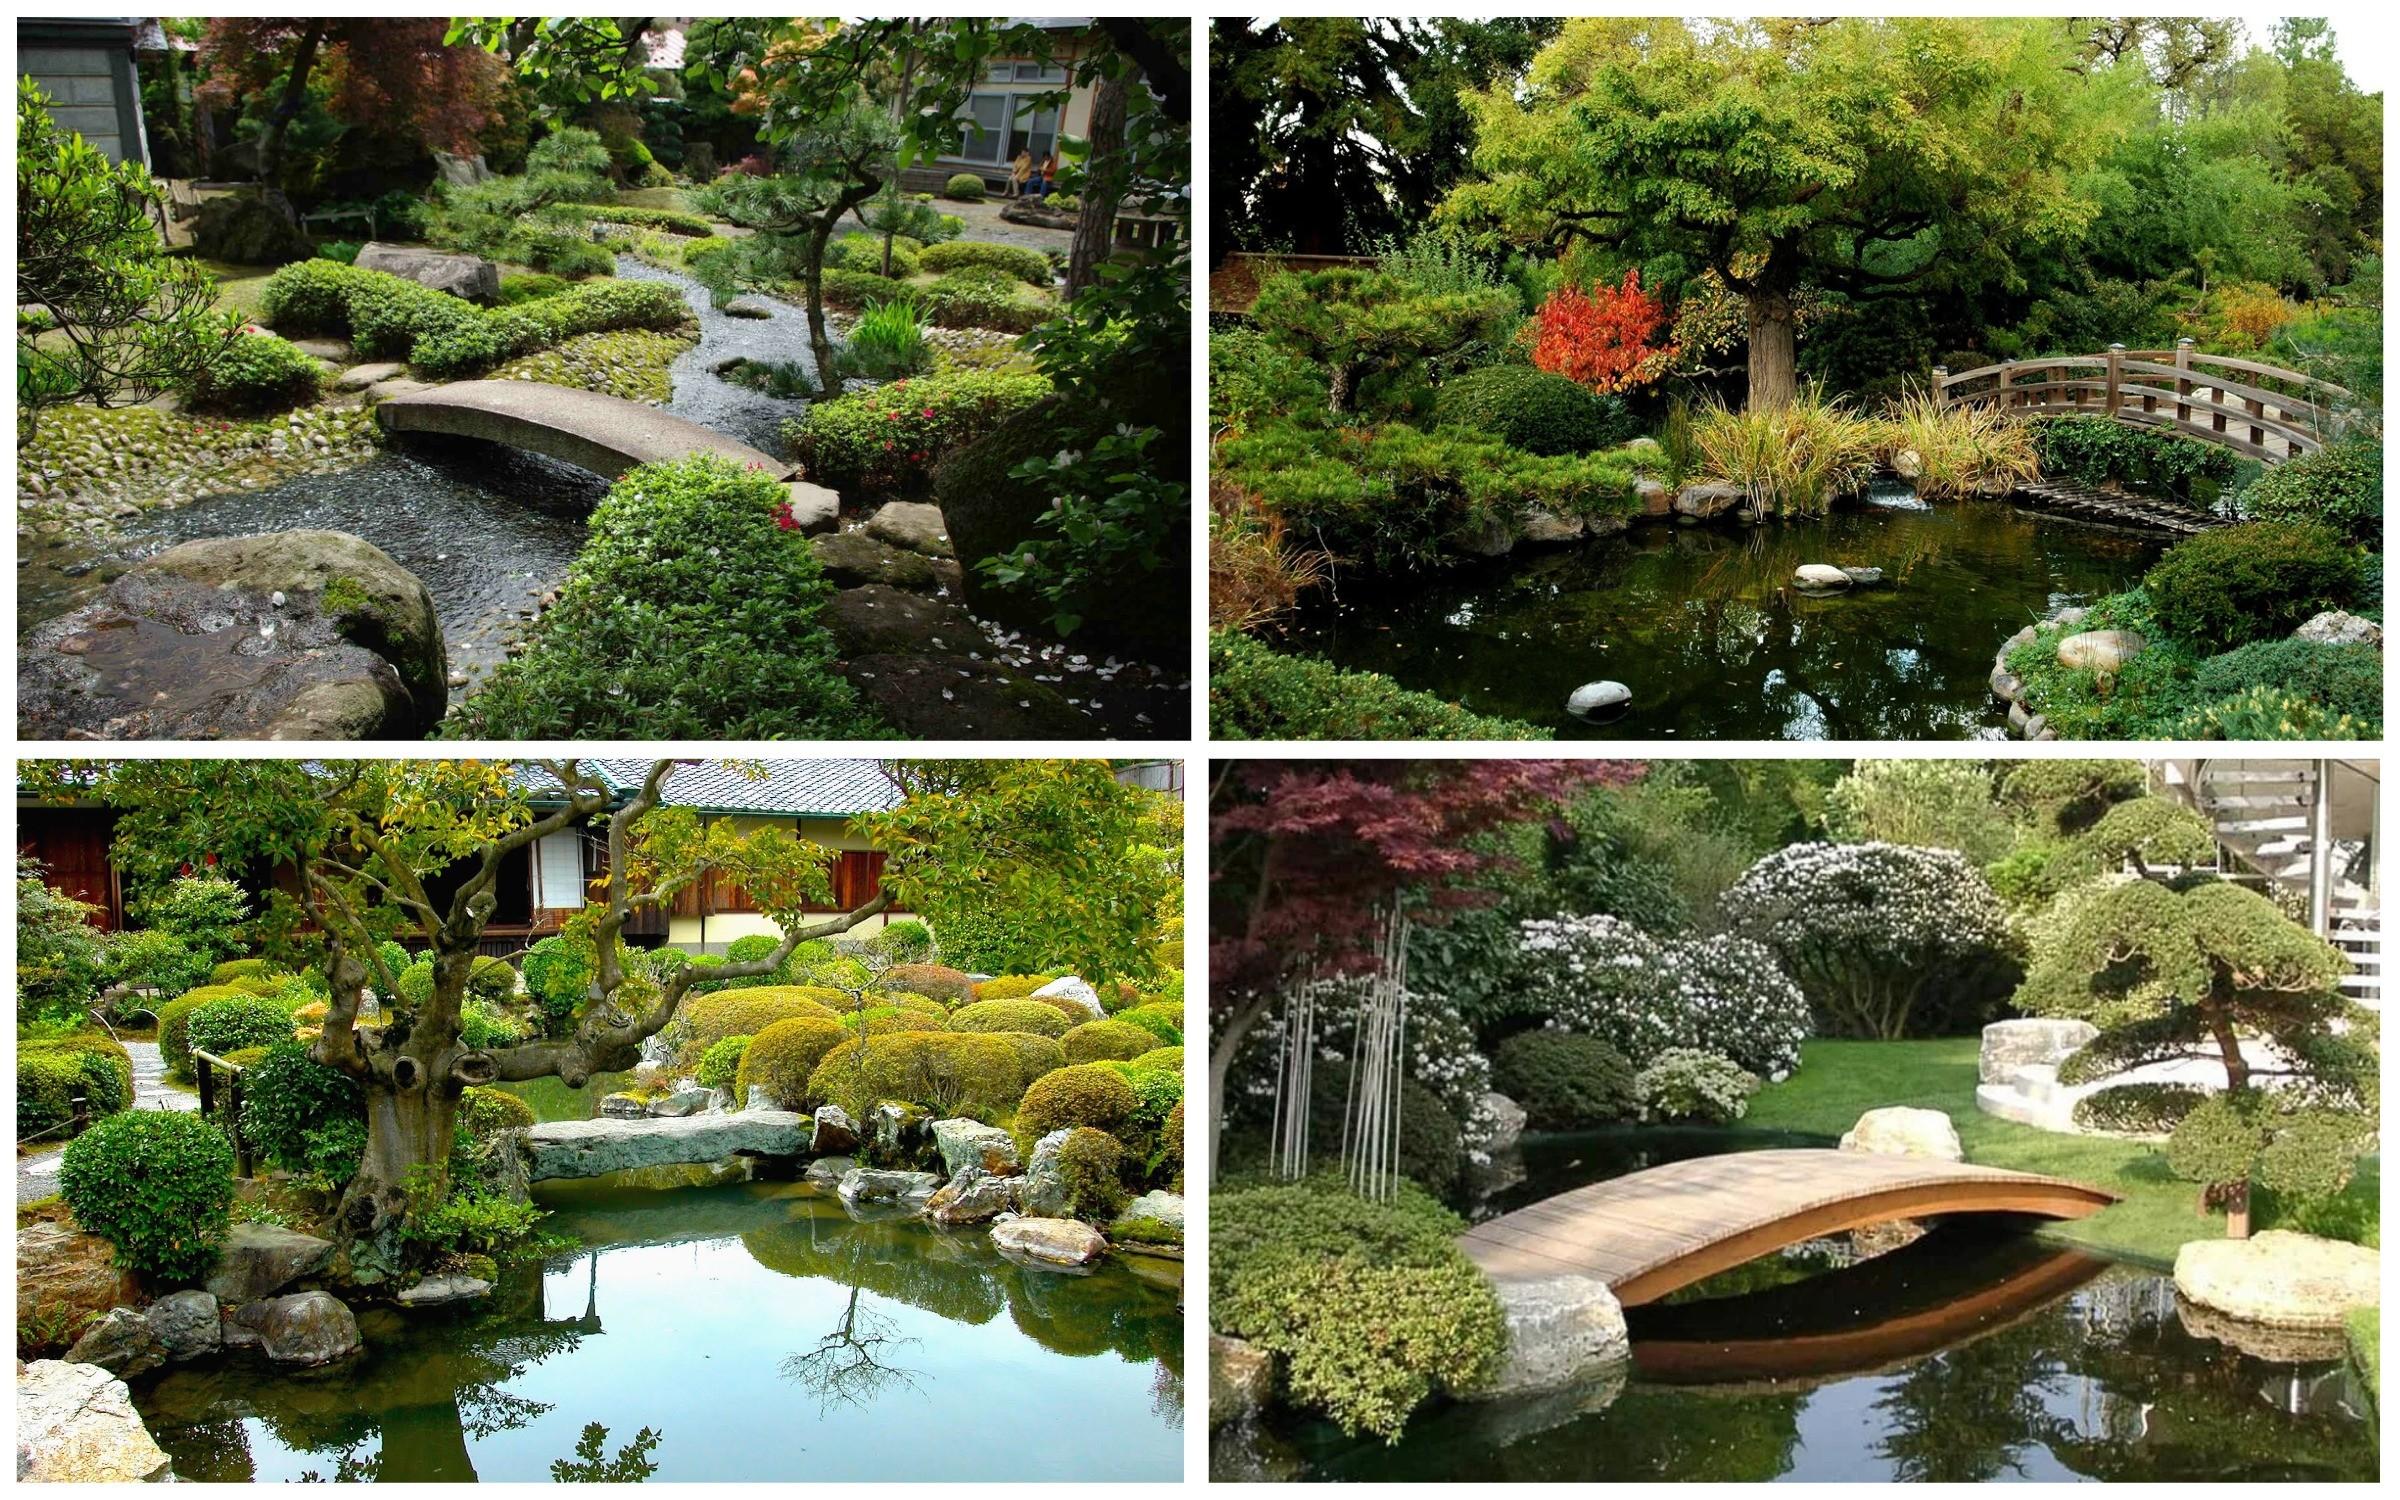 фото водные объекты в японском саду